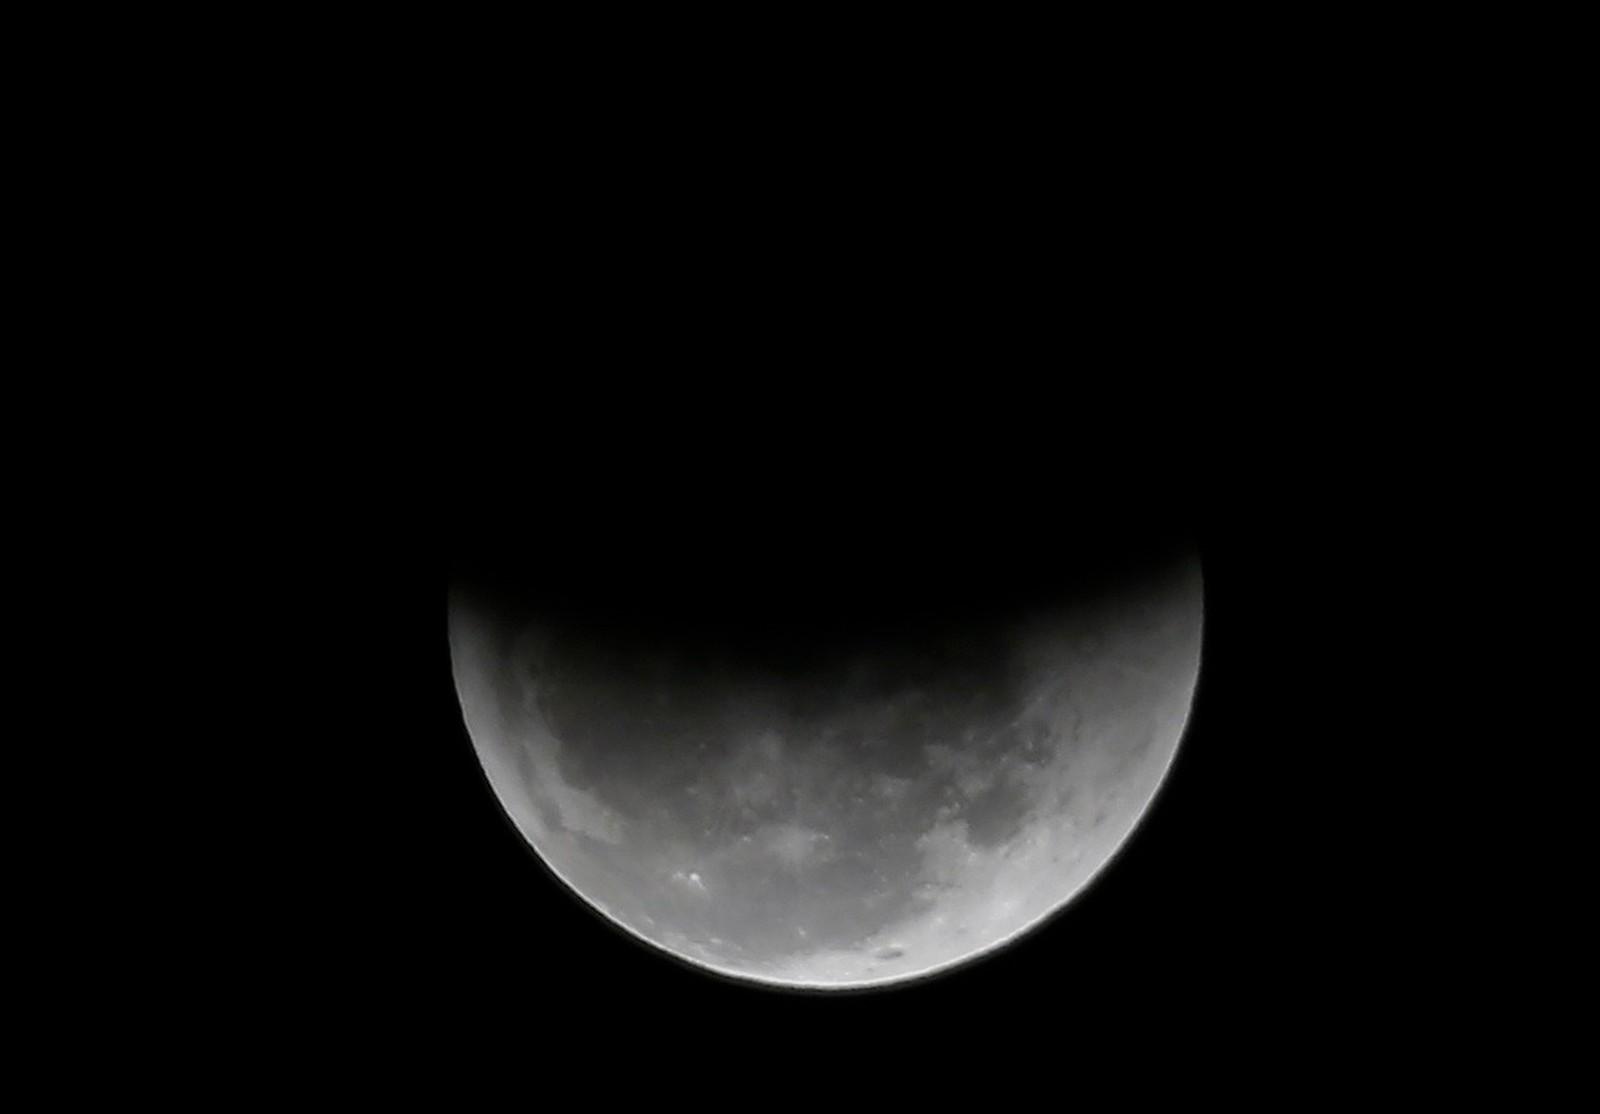 Público poderá ver eclipse parcial da Lua em observatório da UFSC - Notícias - Plantão Diário